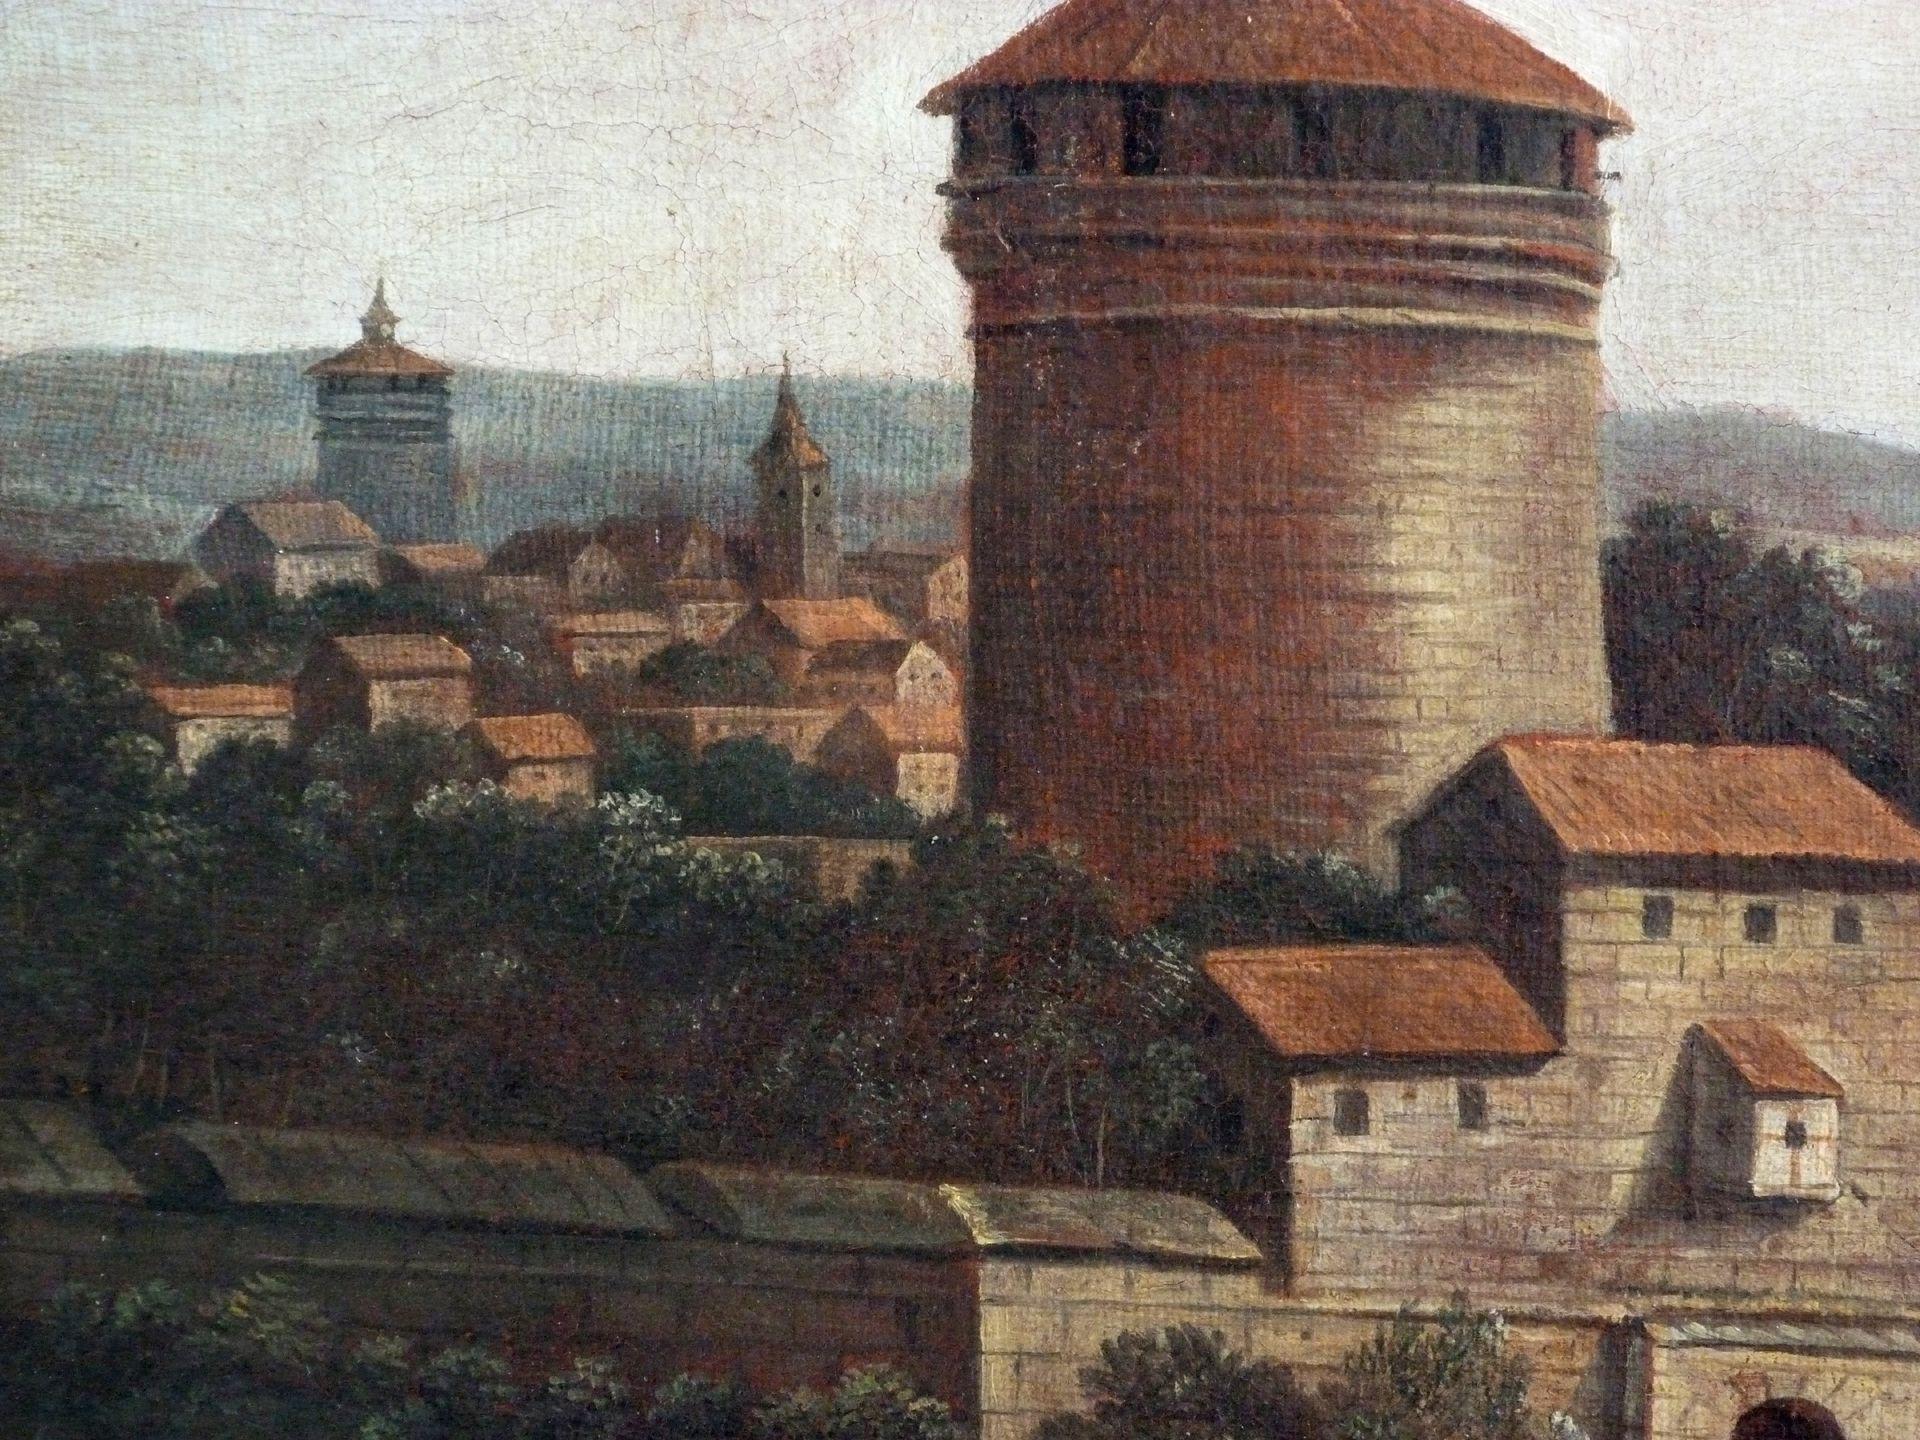 Neutor mit Bastei Detail, Blick über die Stadt